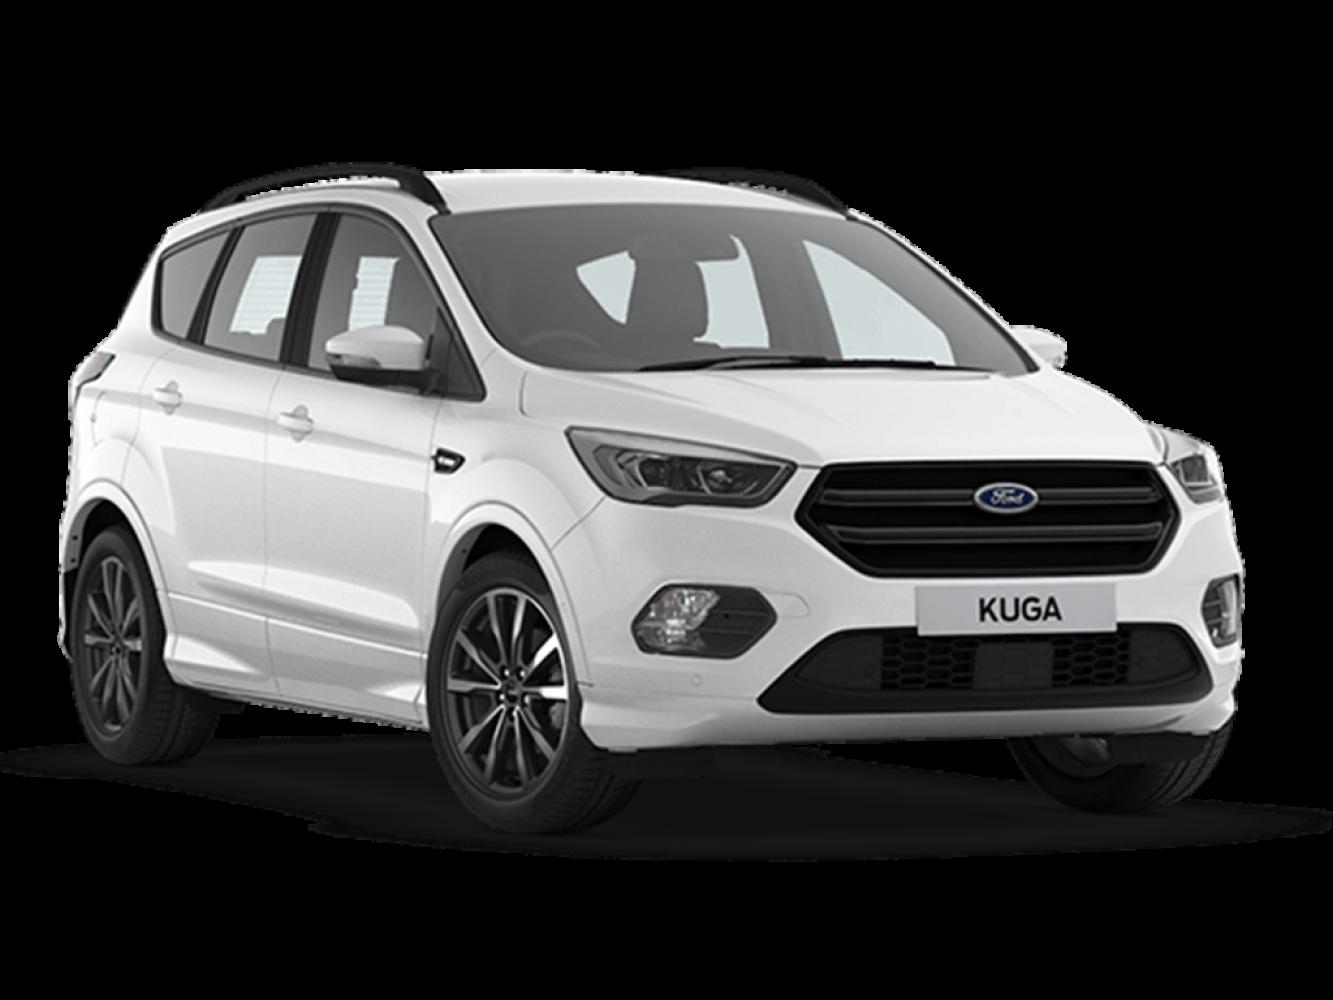 new ford kuga 1 5 ecoboost st line 5dr 2wd petrol estate. Black Bedroom Furniture Sets. Home Design Ideas